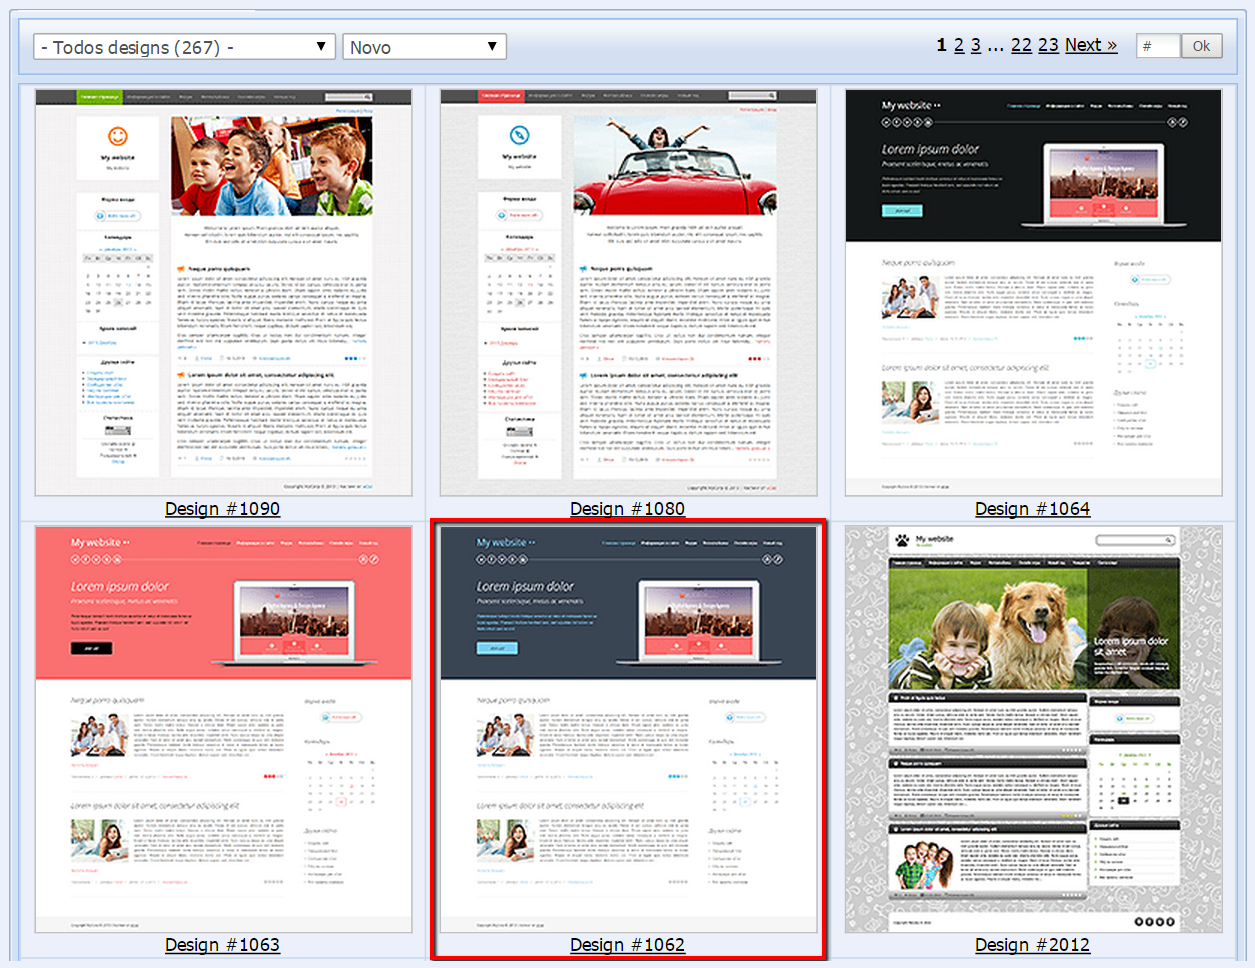 Как создать свой сайт бесплатно: пошаговая инструкция от А до Я 38